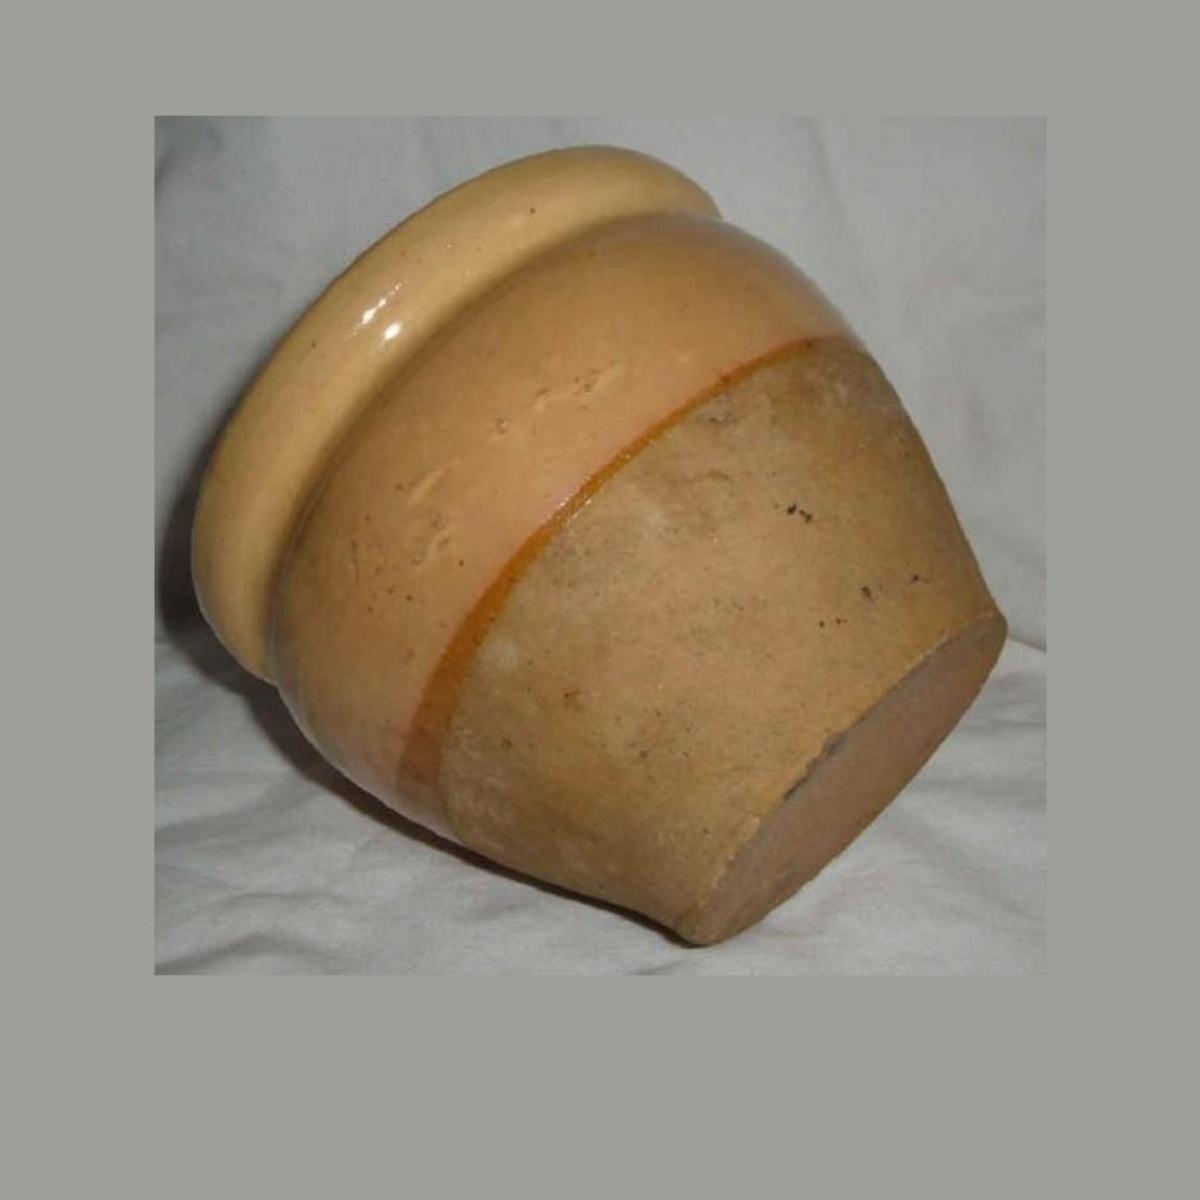 Ancien pot a confiture conique en gres vernisse jaune paille et gres brut ht 11cm 2